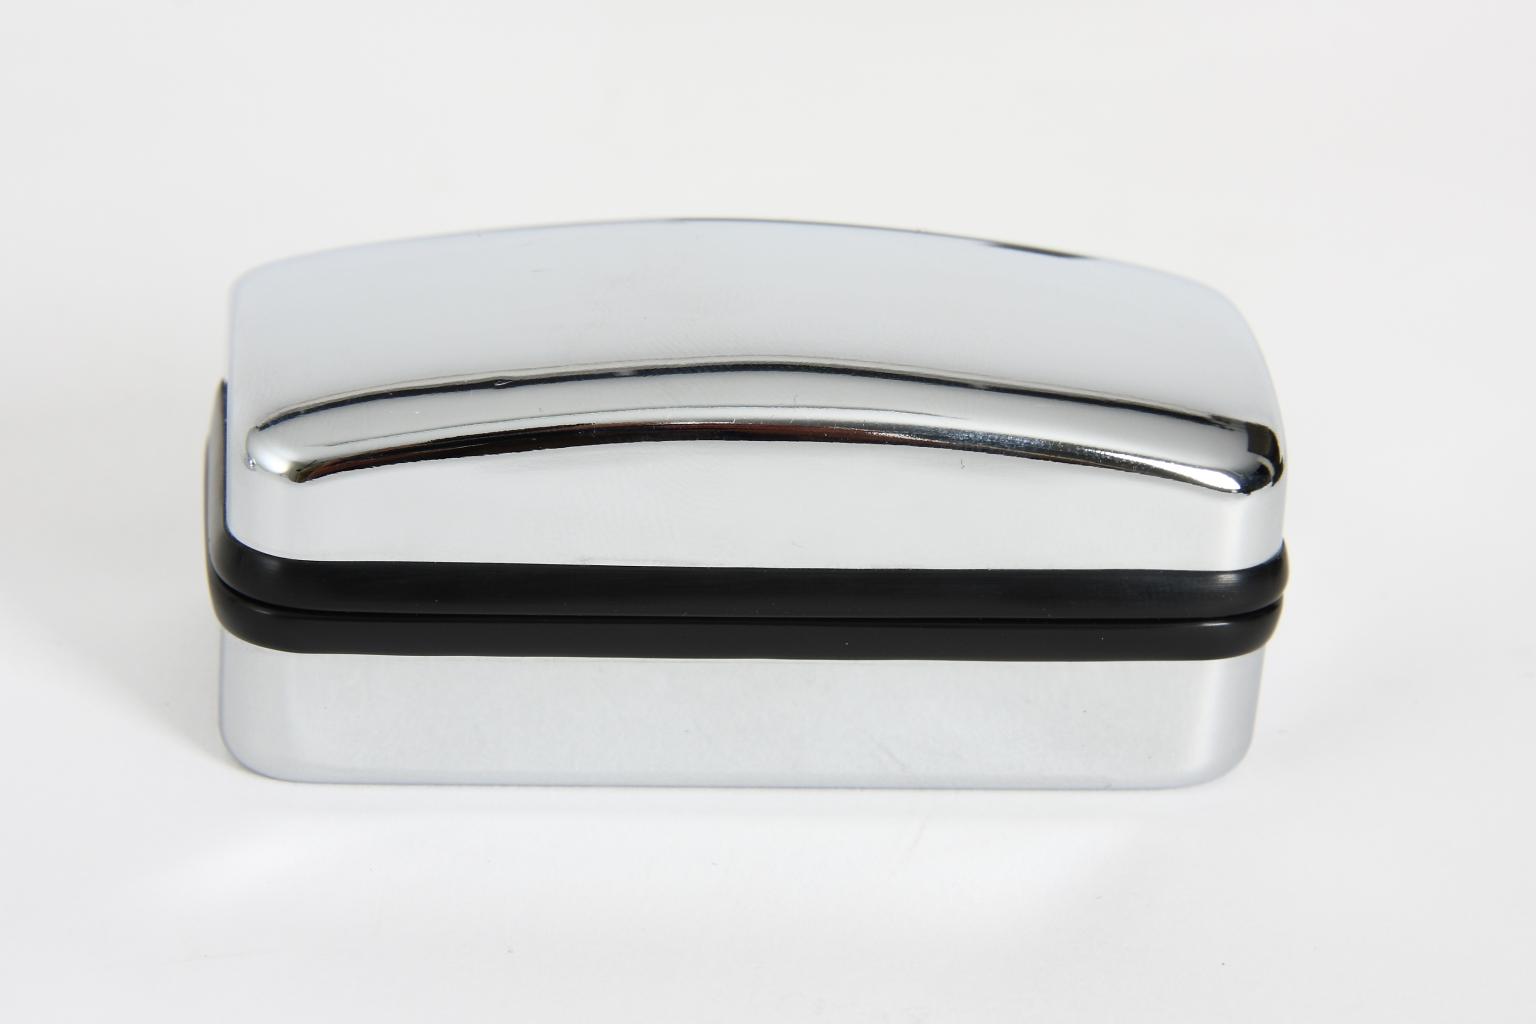 Caixa retangular para botões de punho